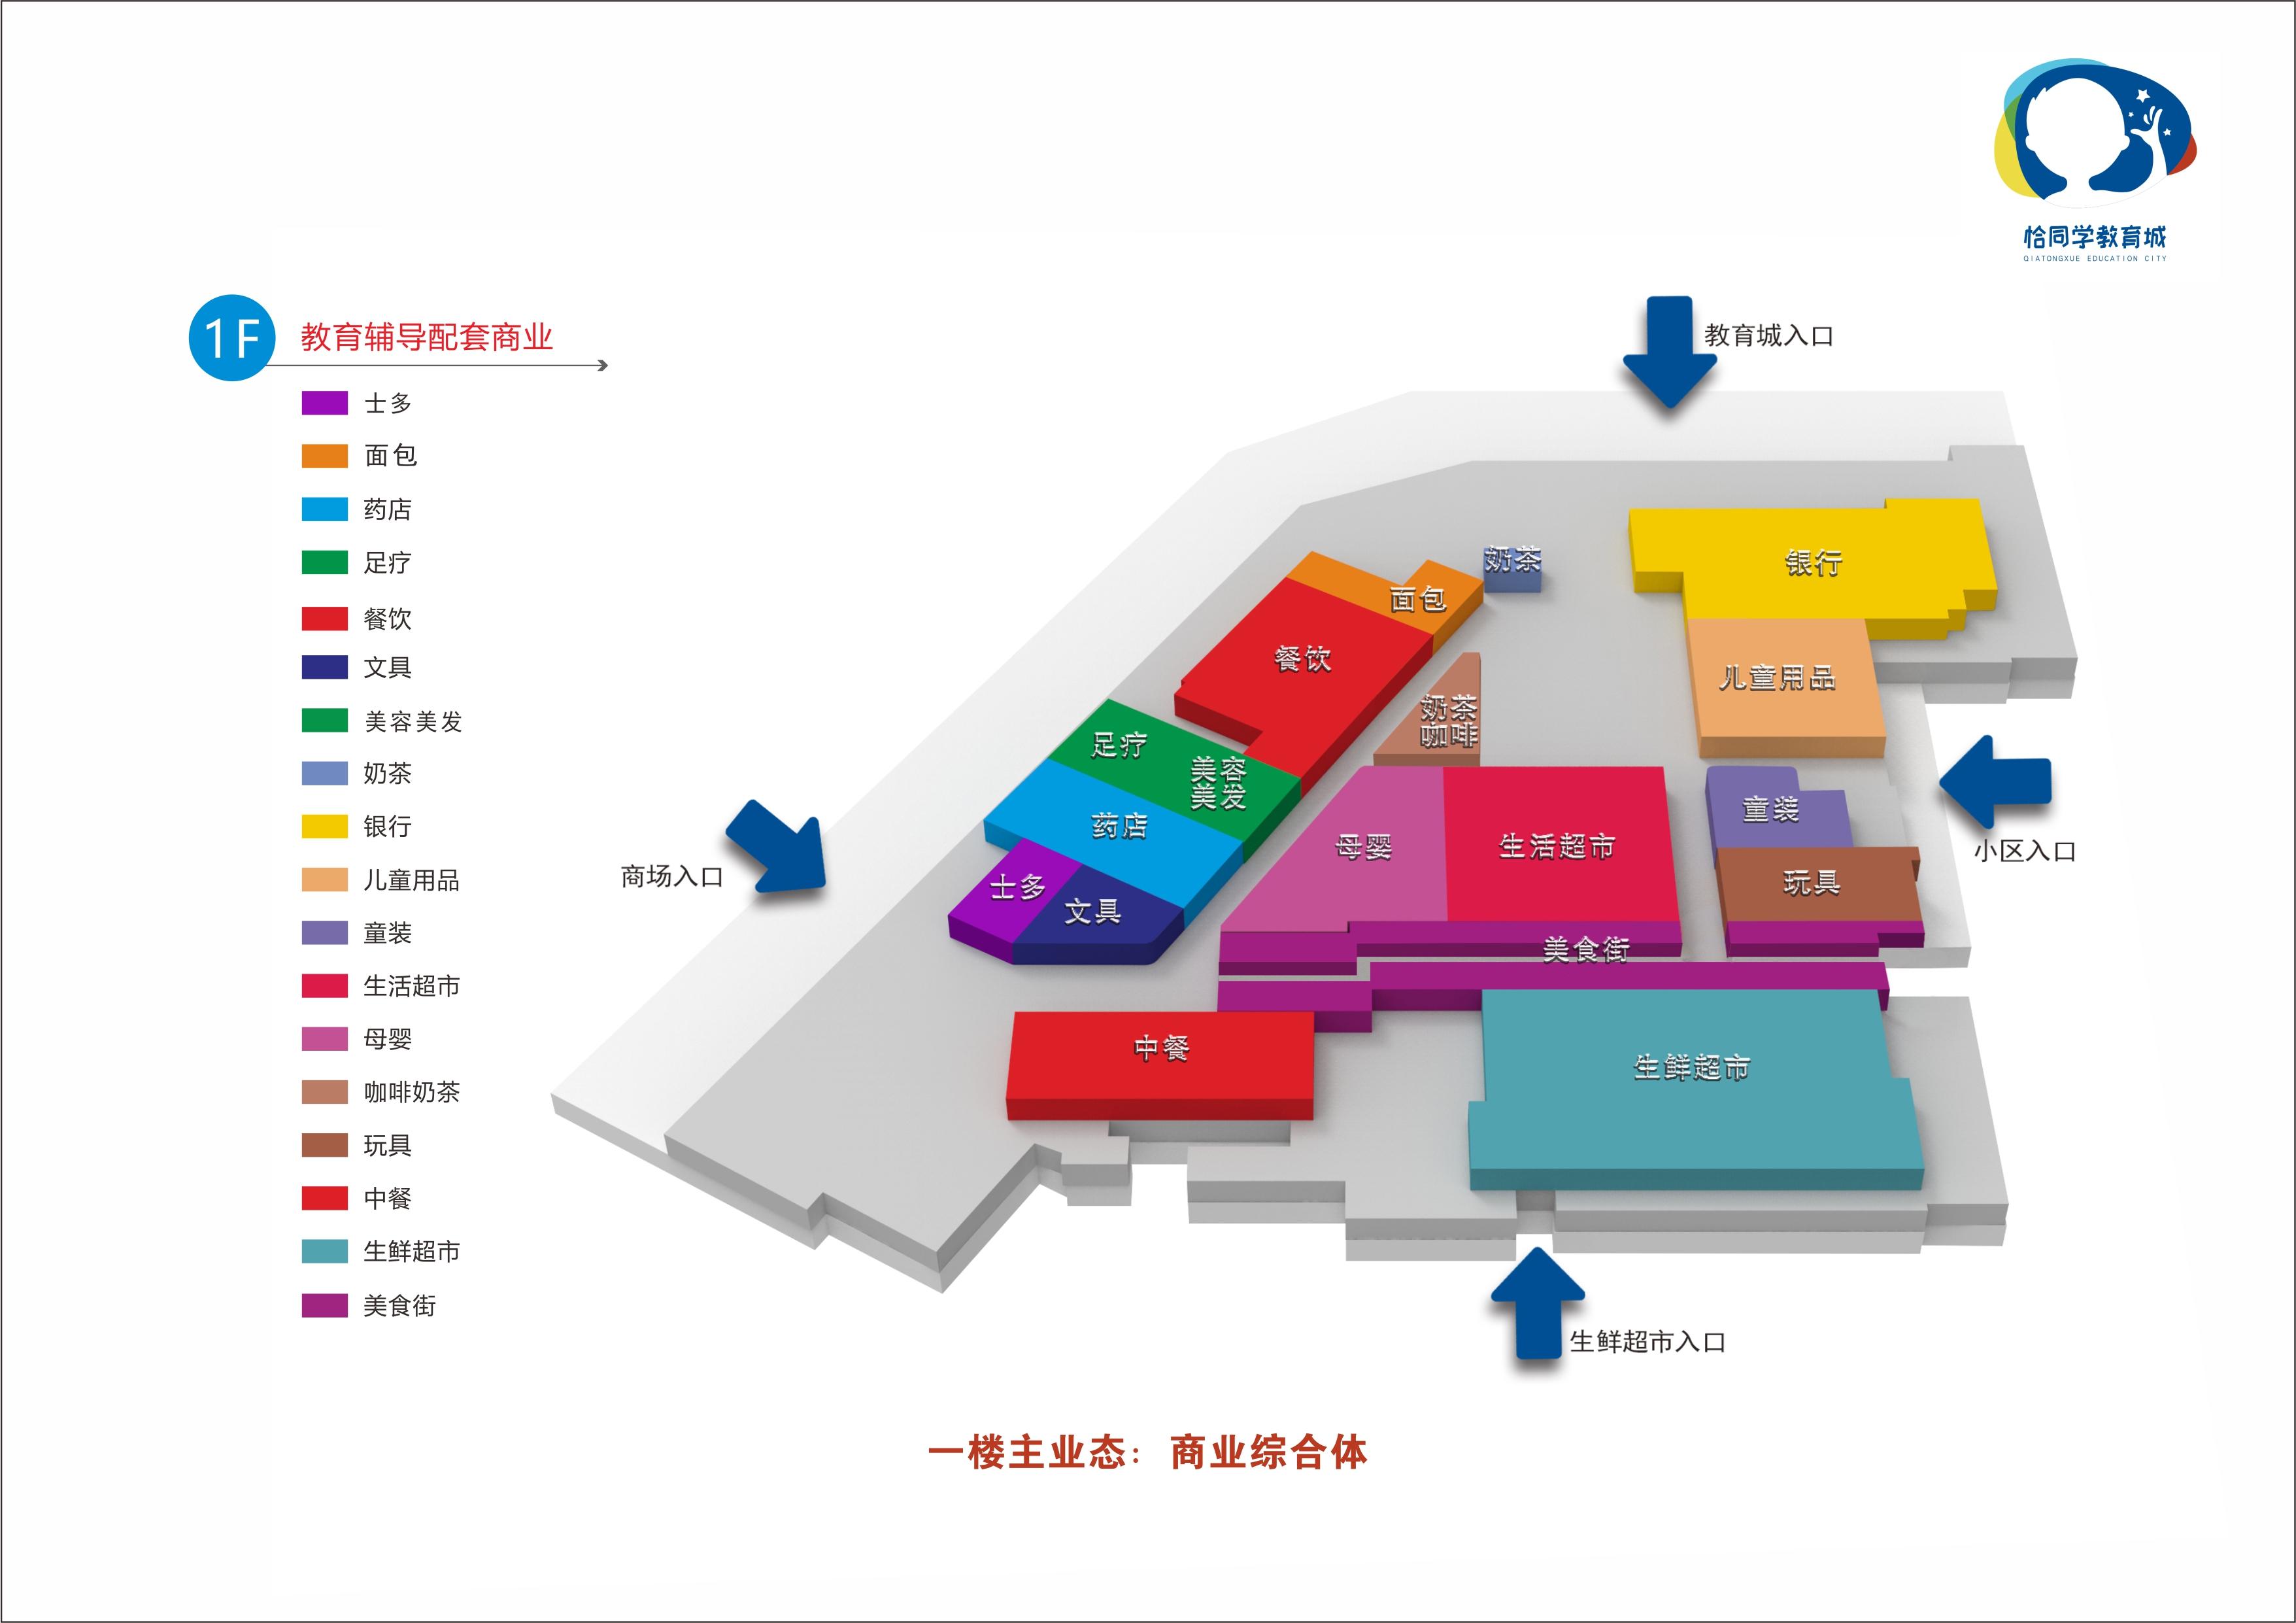 深圳恰同学教育城